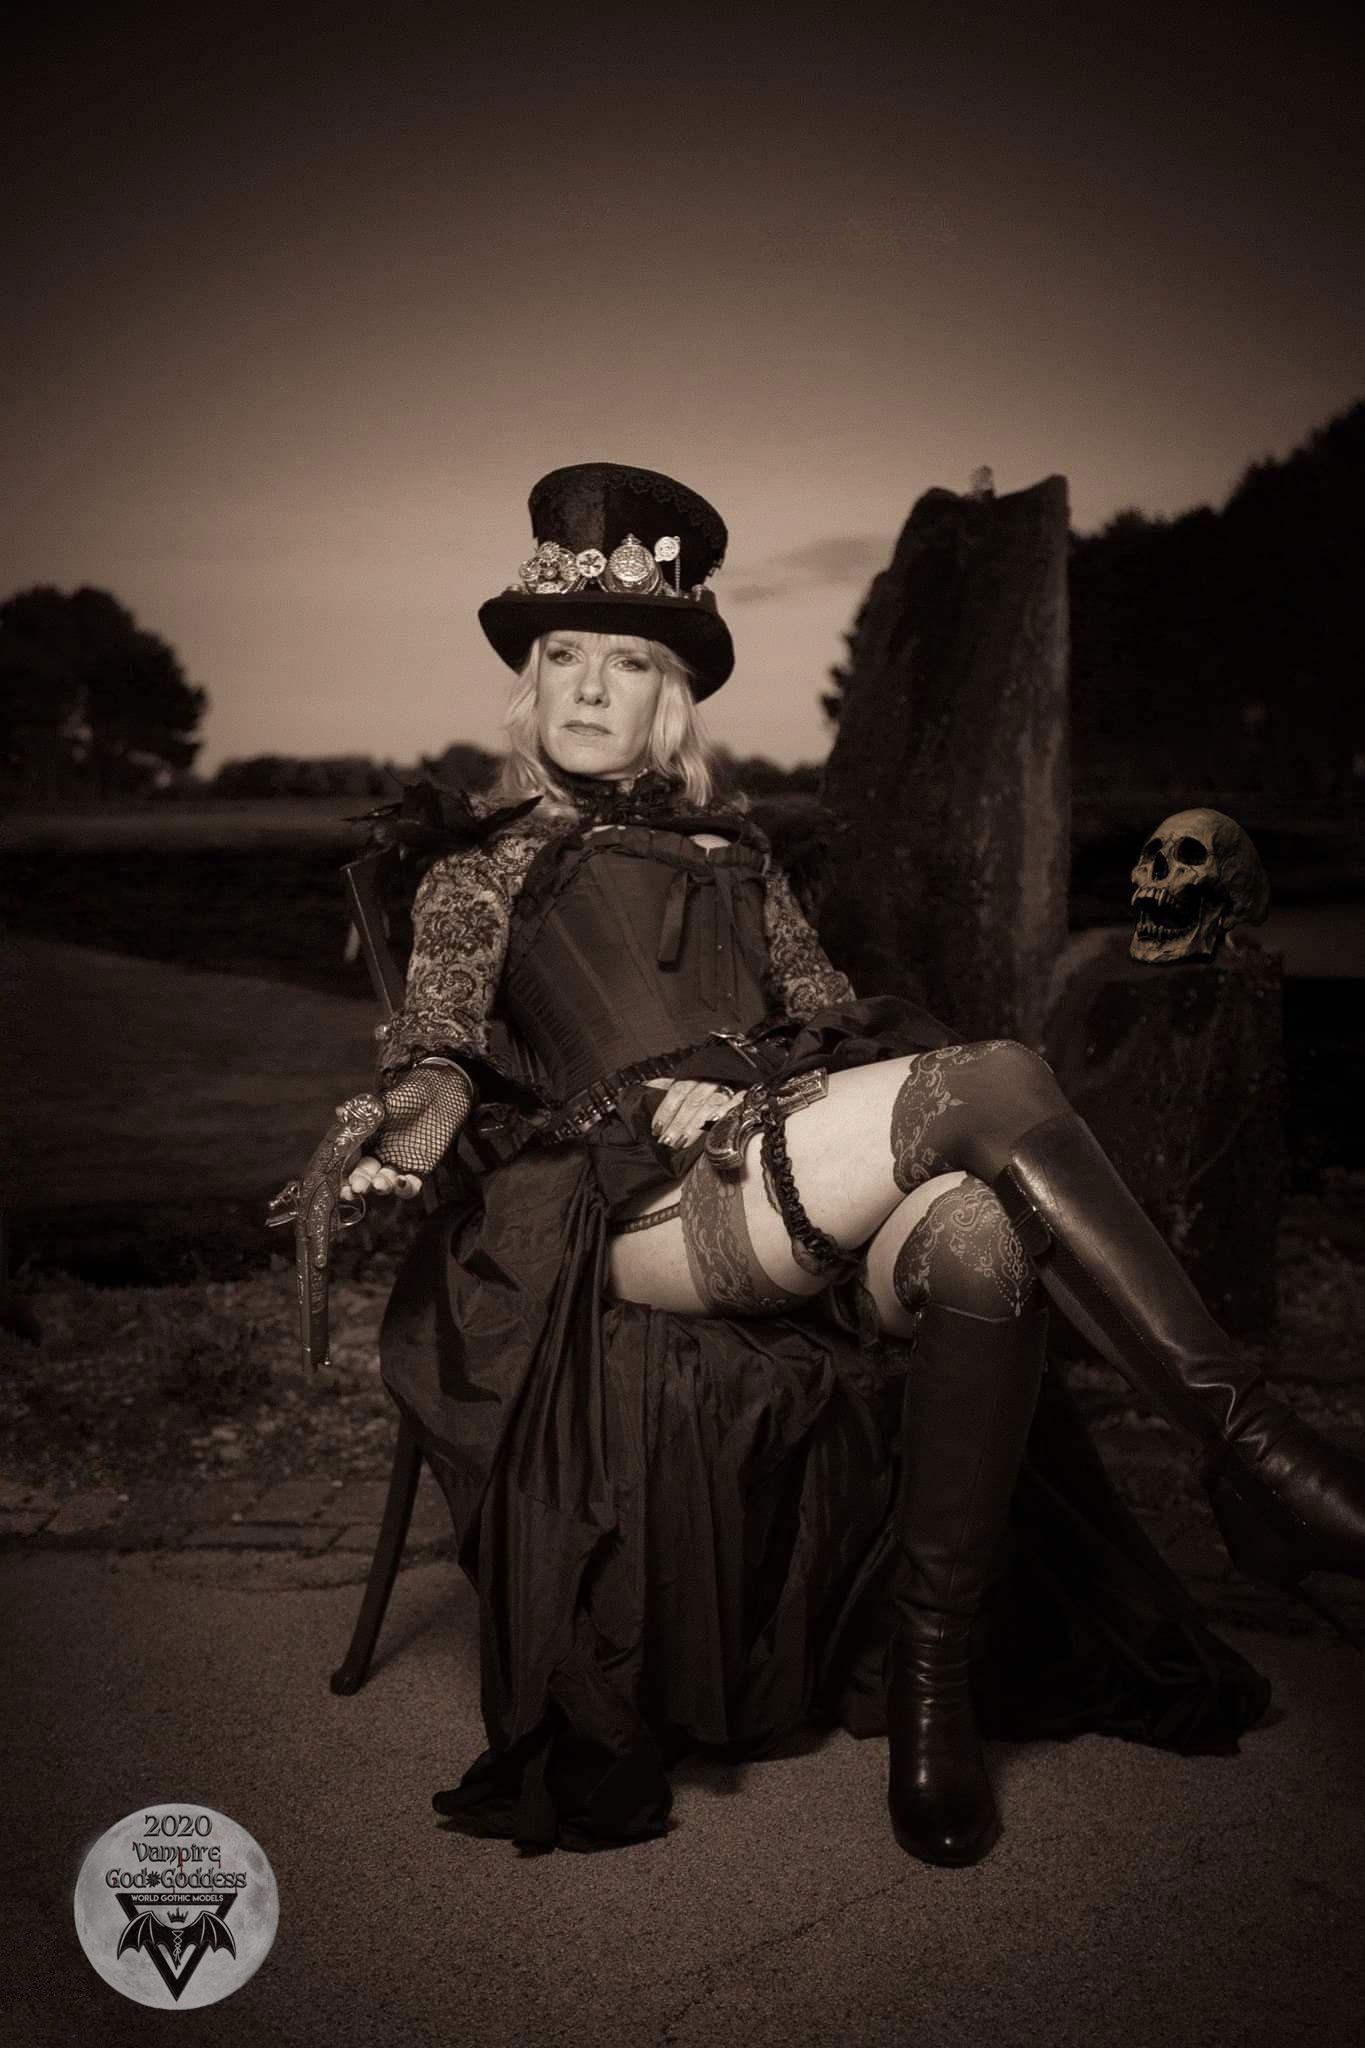 4. Alison Fortnum, UK